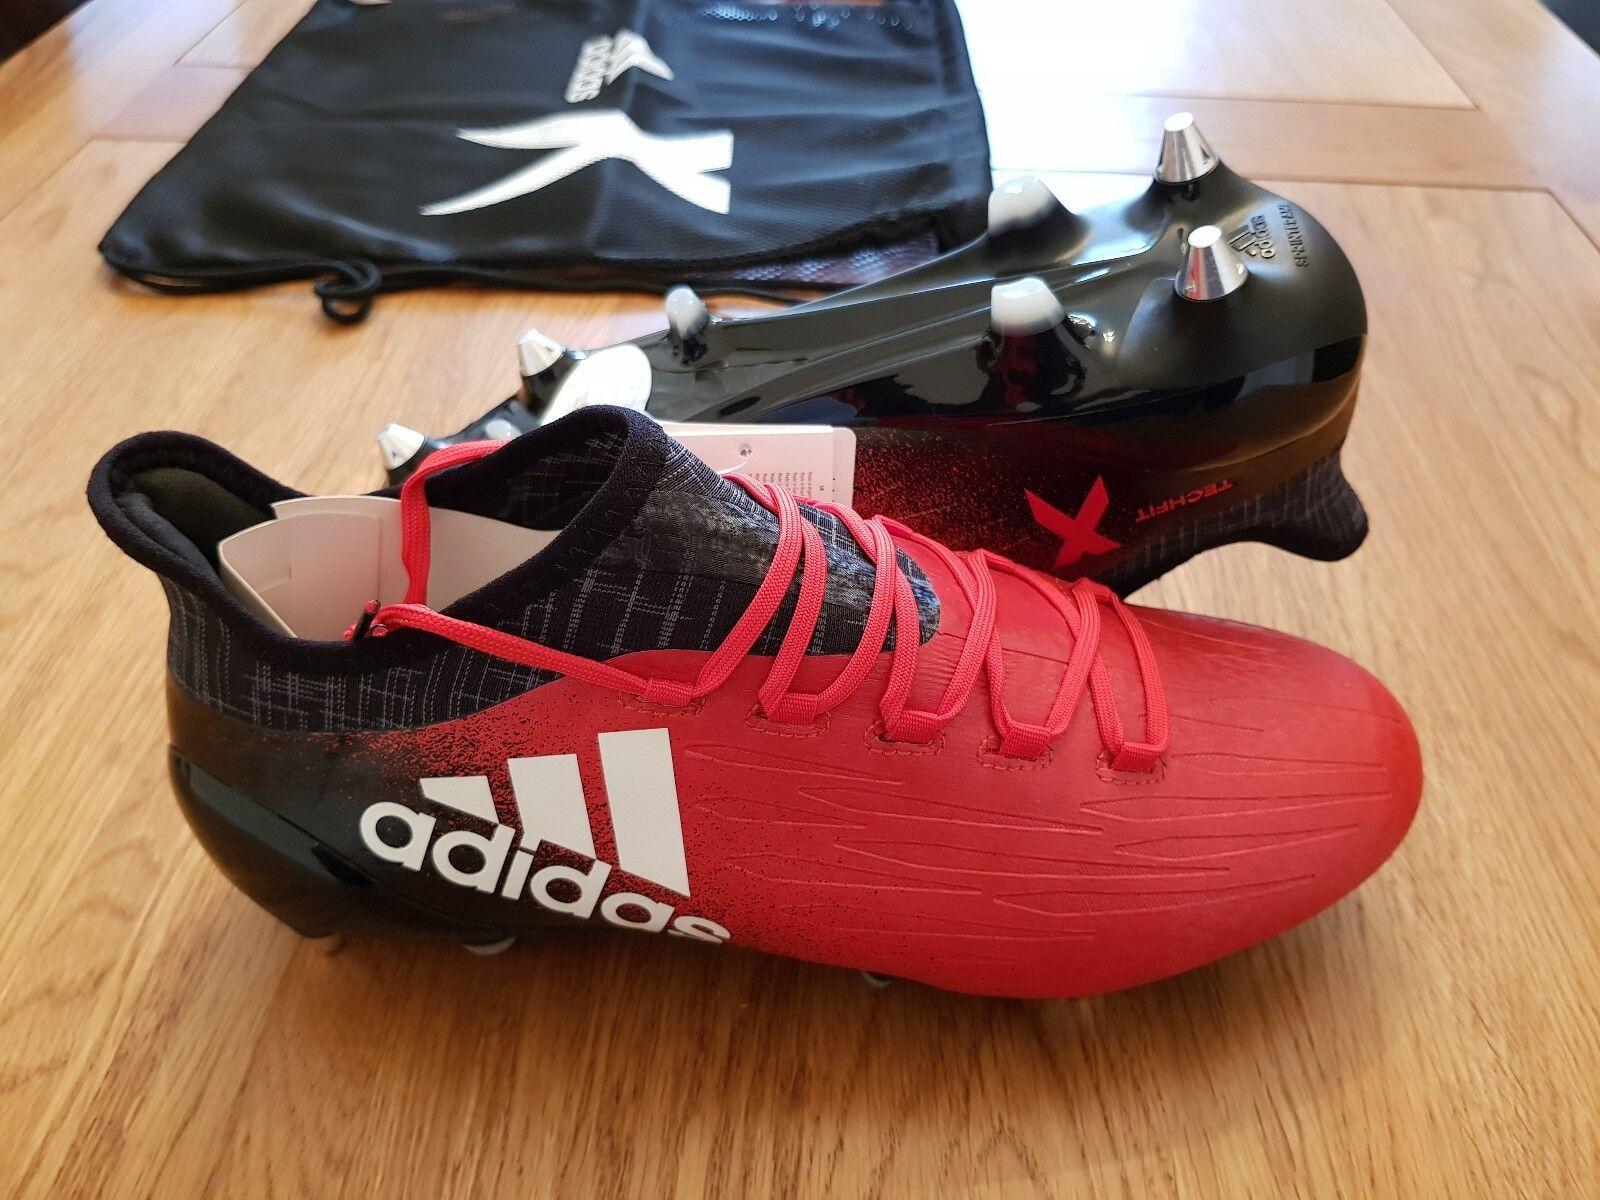 Adidas X 16.1 Suelo Blando  botas Sg Xtrx Nuevo Tamaño 6.5 Rojo Negro  60% de descuento